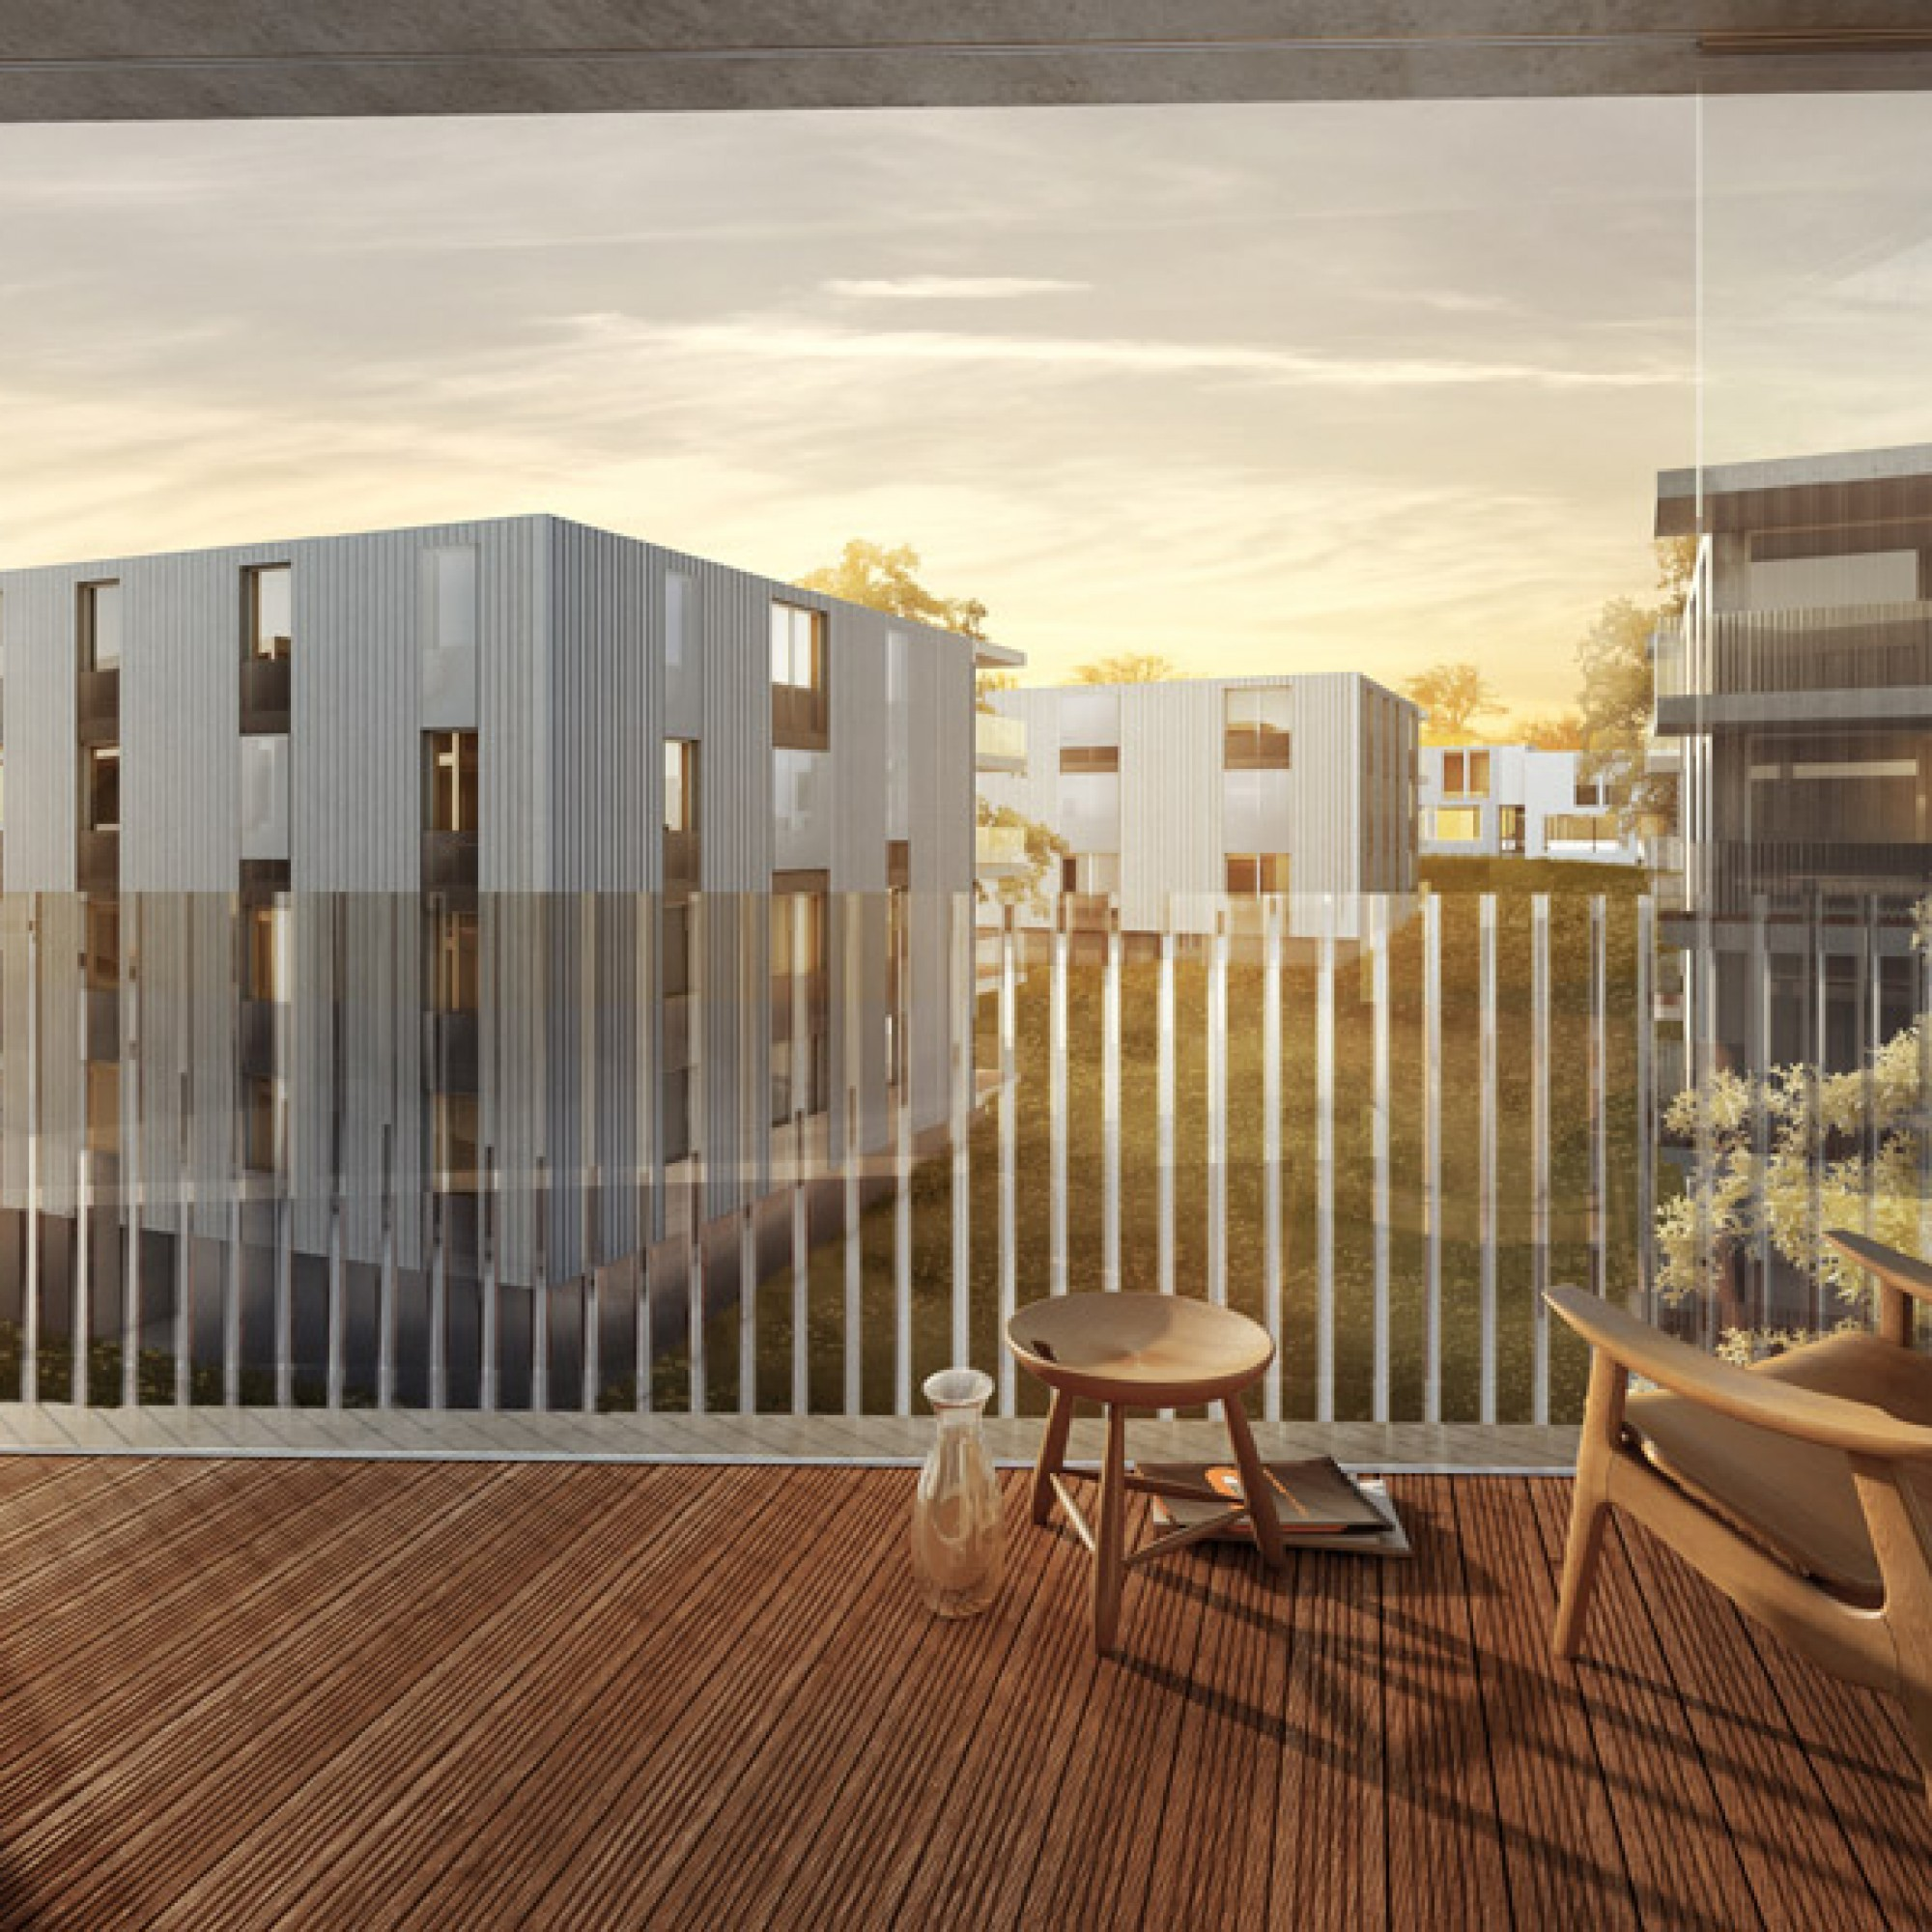 ...und so von einem Balkon im Innern der Siedlung. (PD/Studio 12)